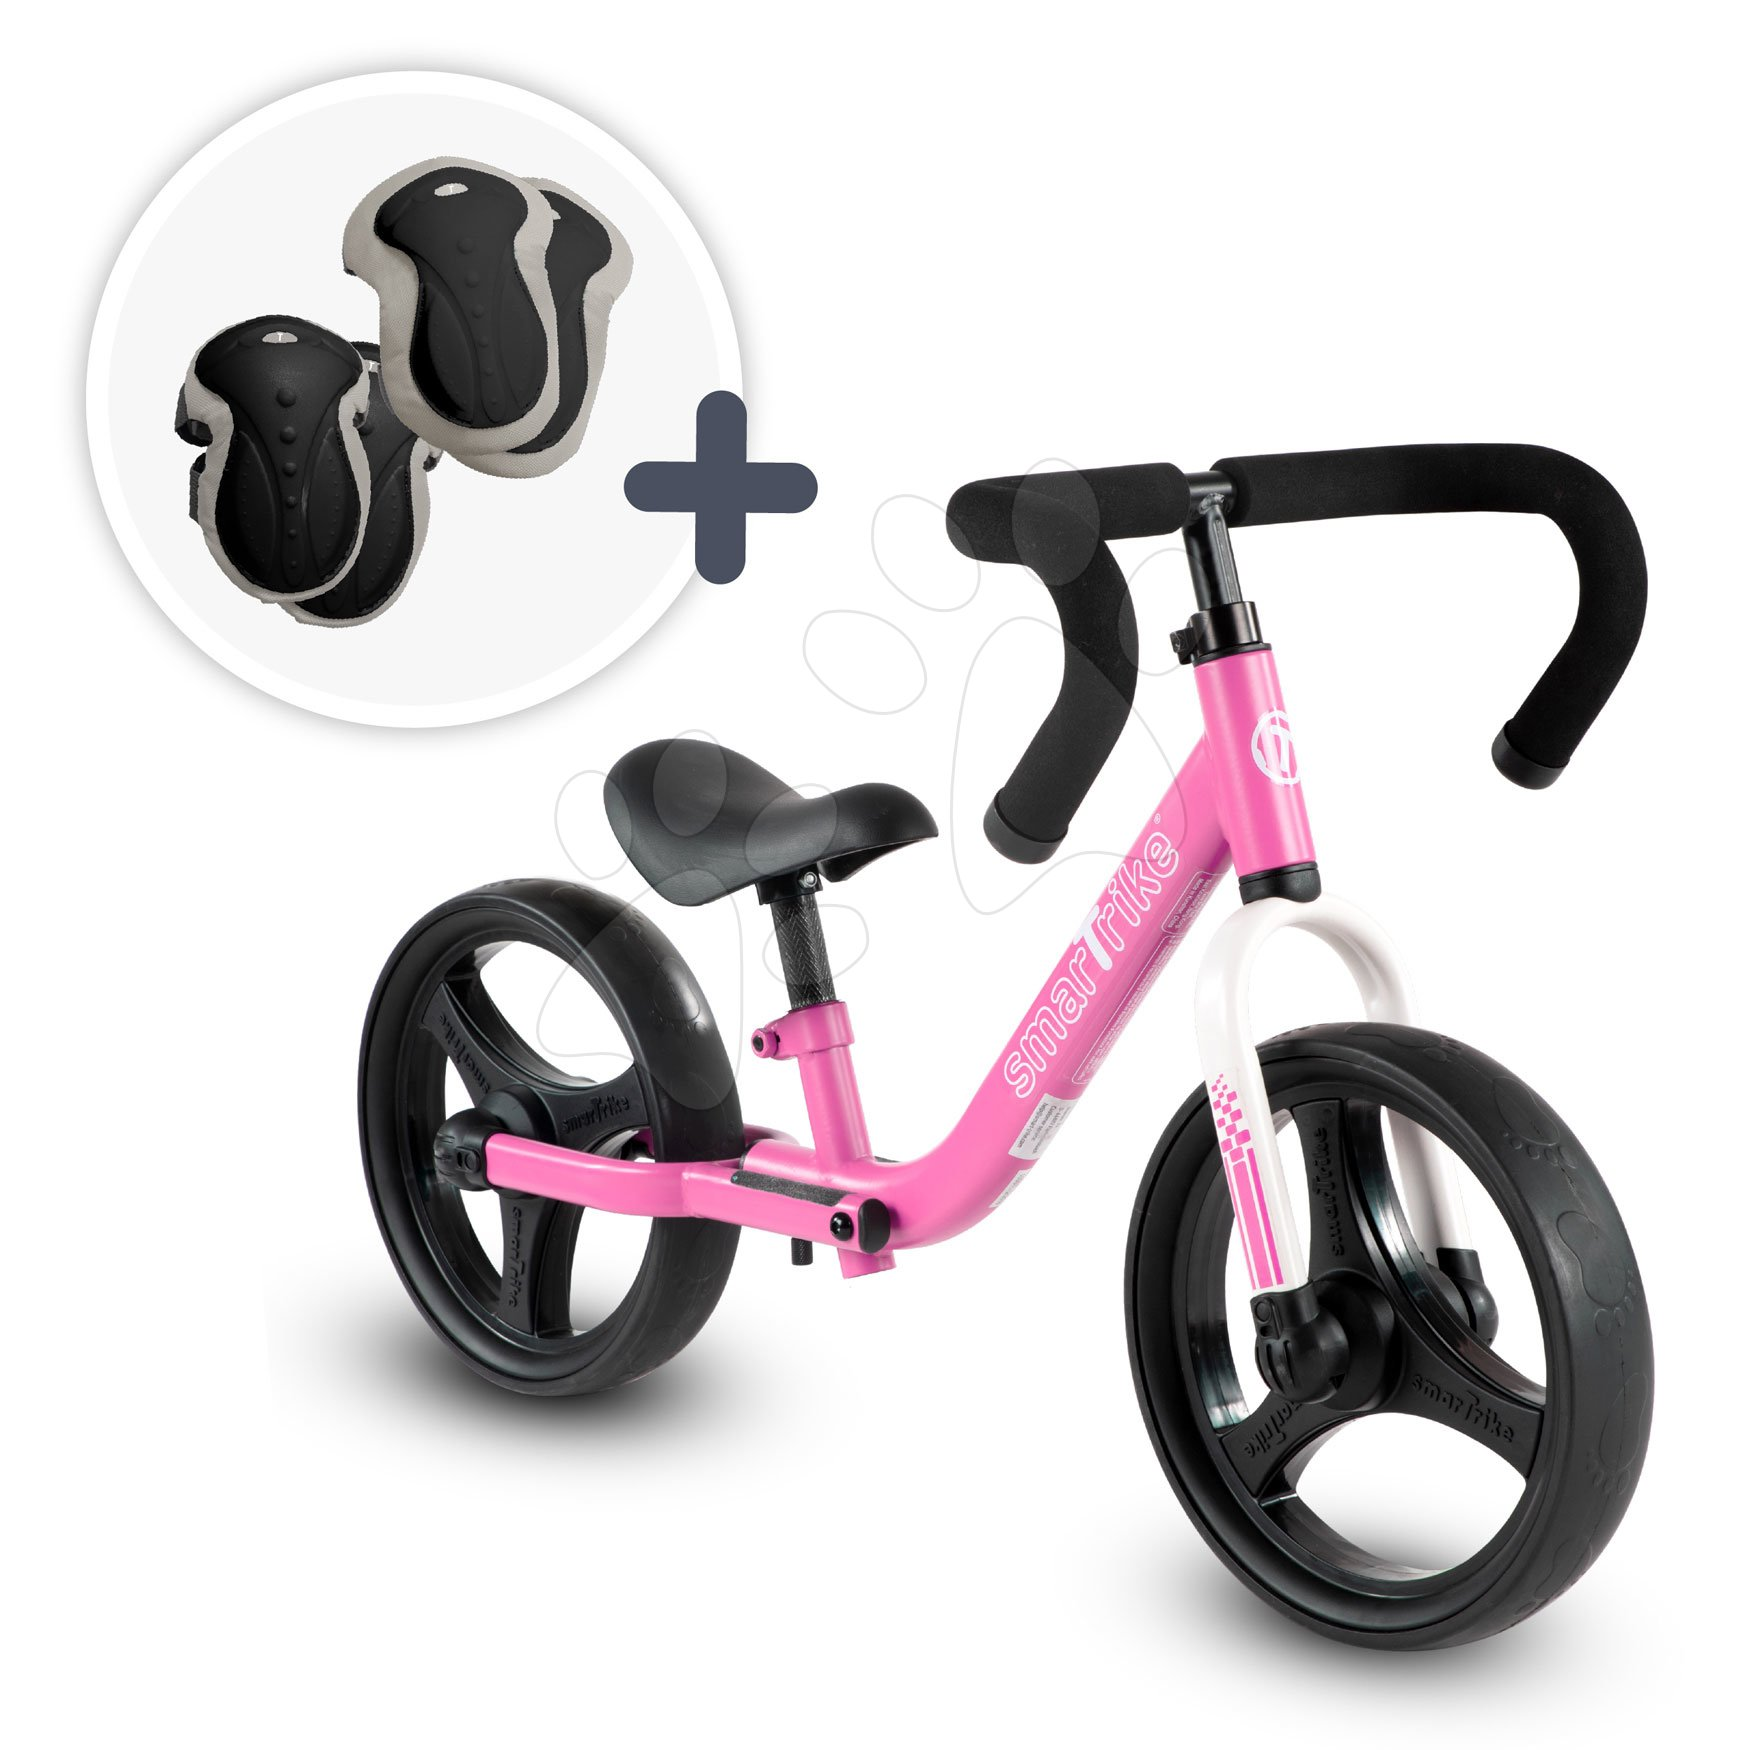 Balančné odrážadlo skladacie Folding Balance Bike Pink smarTrike ružové z hliníka s ergonomickými úchytmi od 2-5 rokov a chrániče ako darček